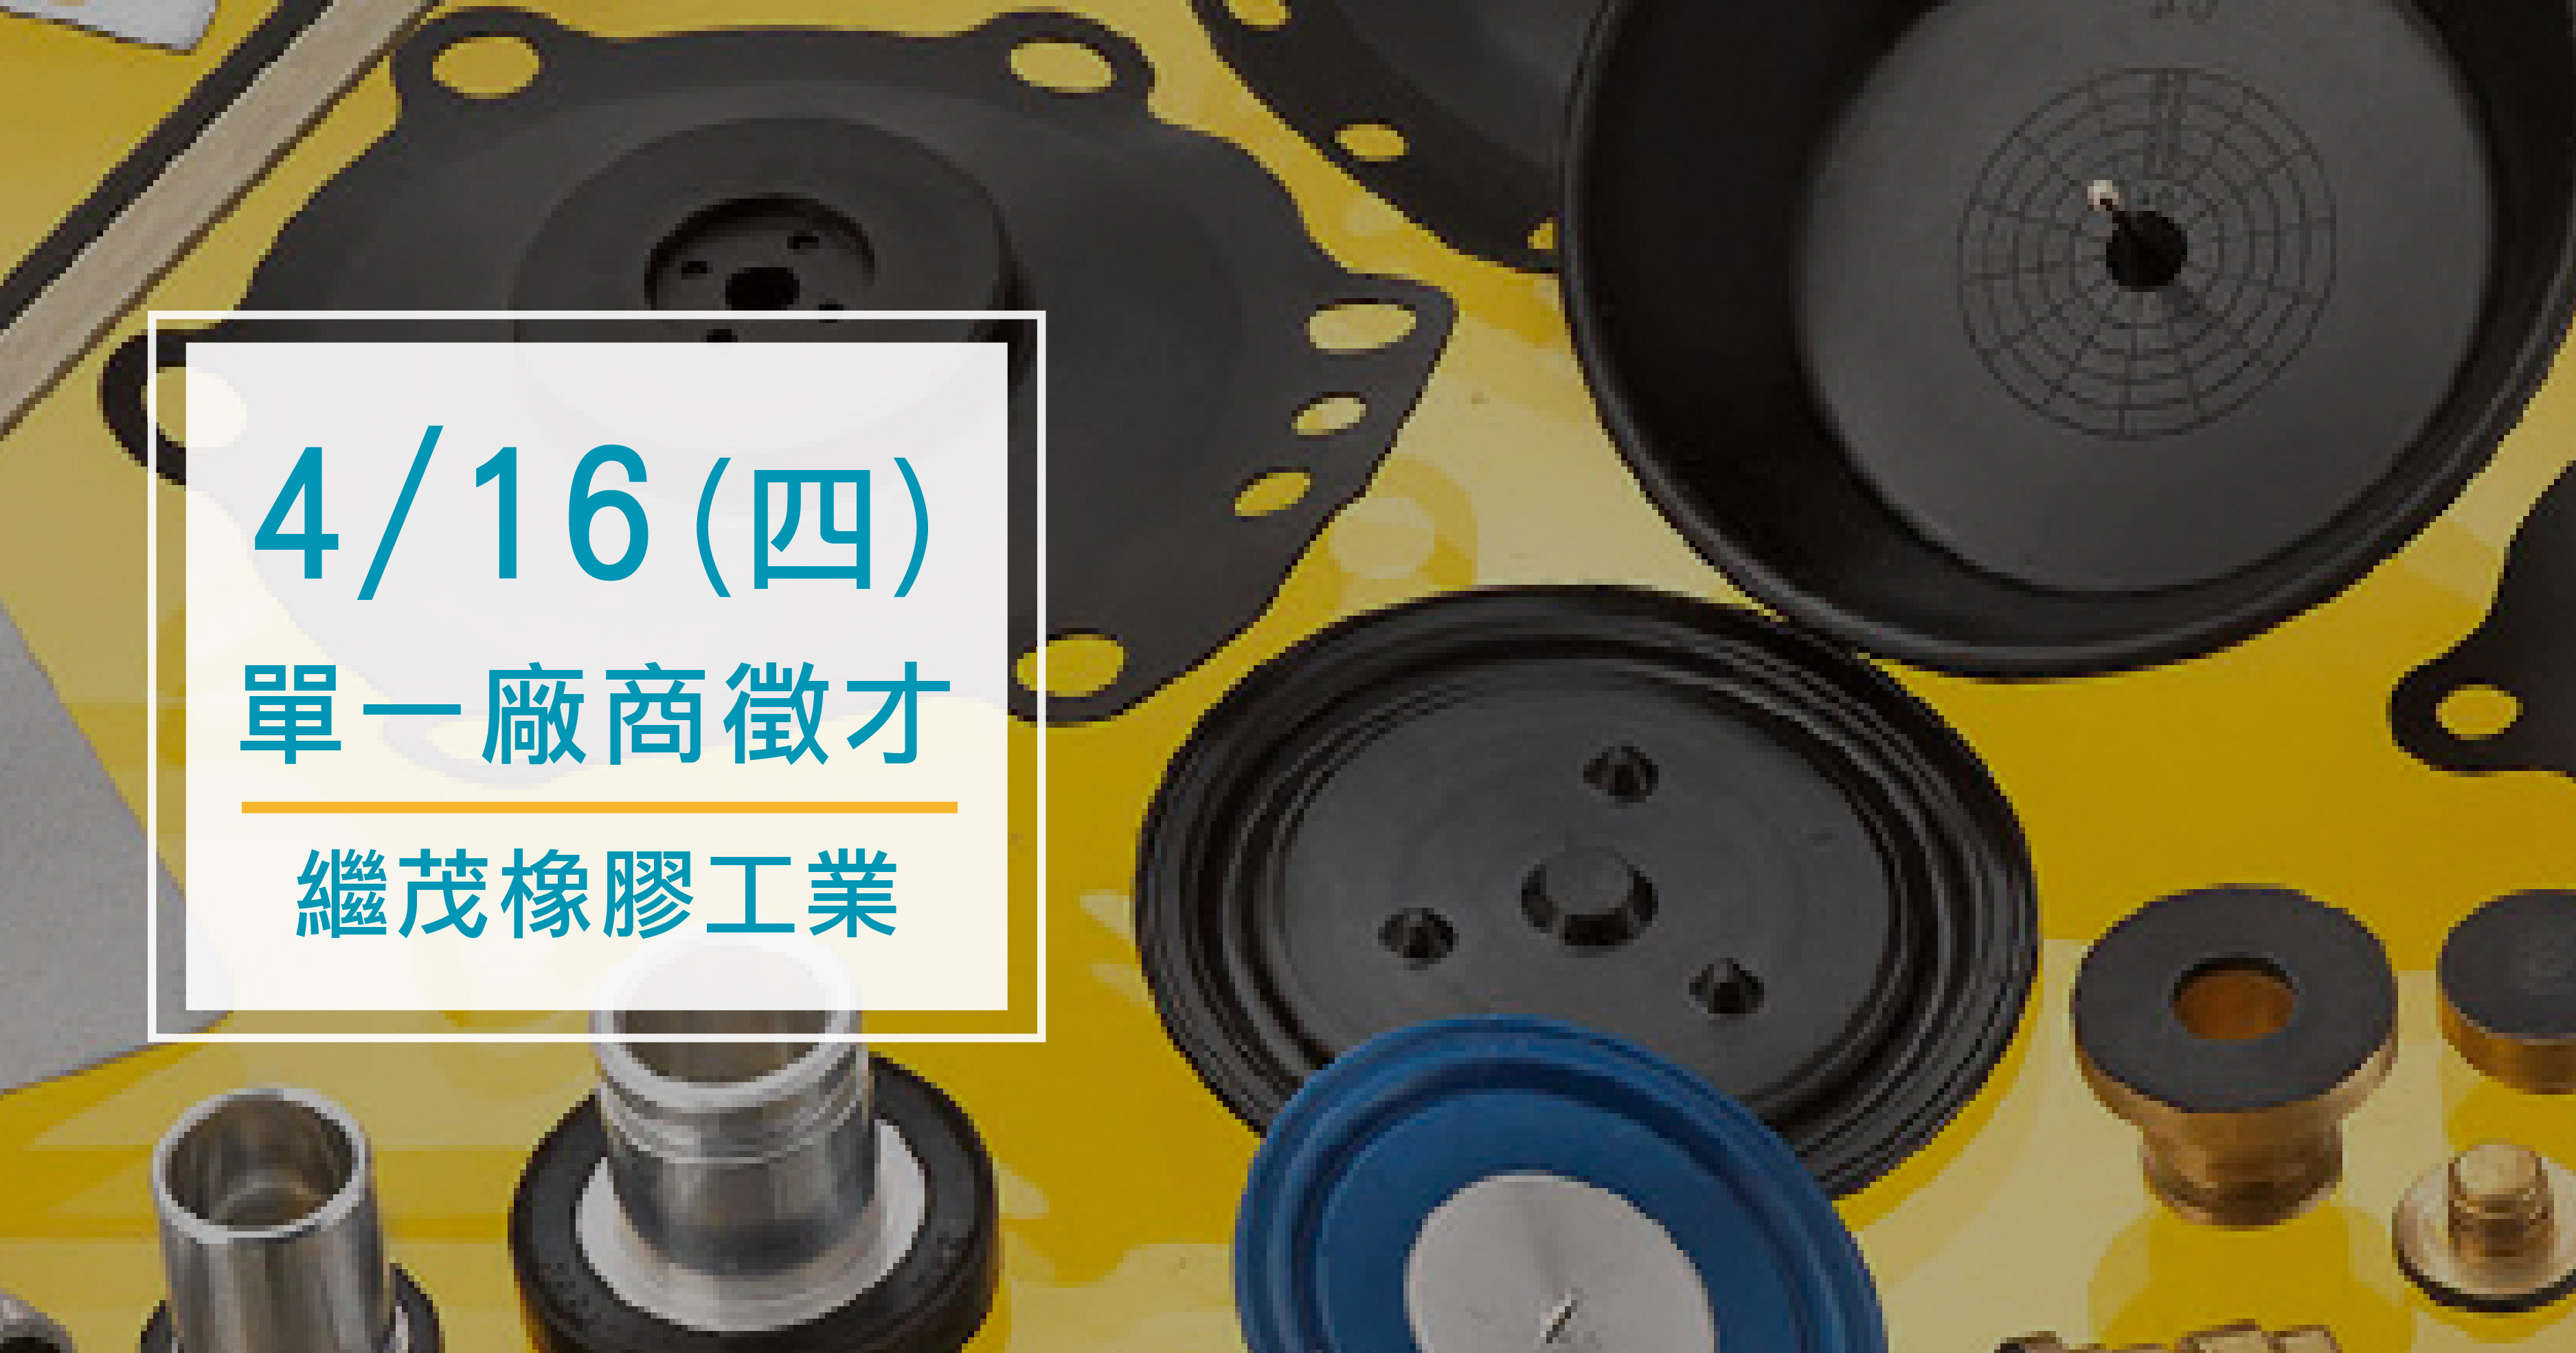 【單一徵才】4月16日(四) 繼茂橡膠-單一廠商徵才活動